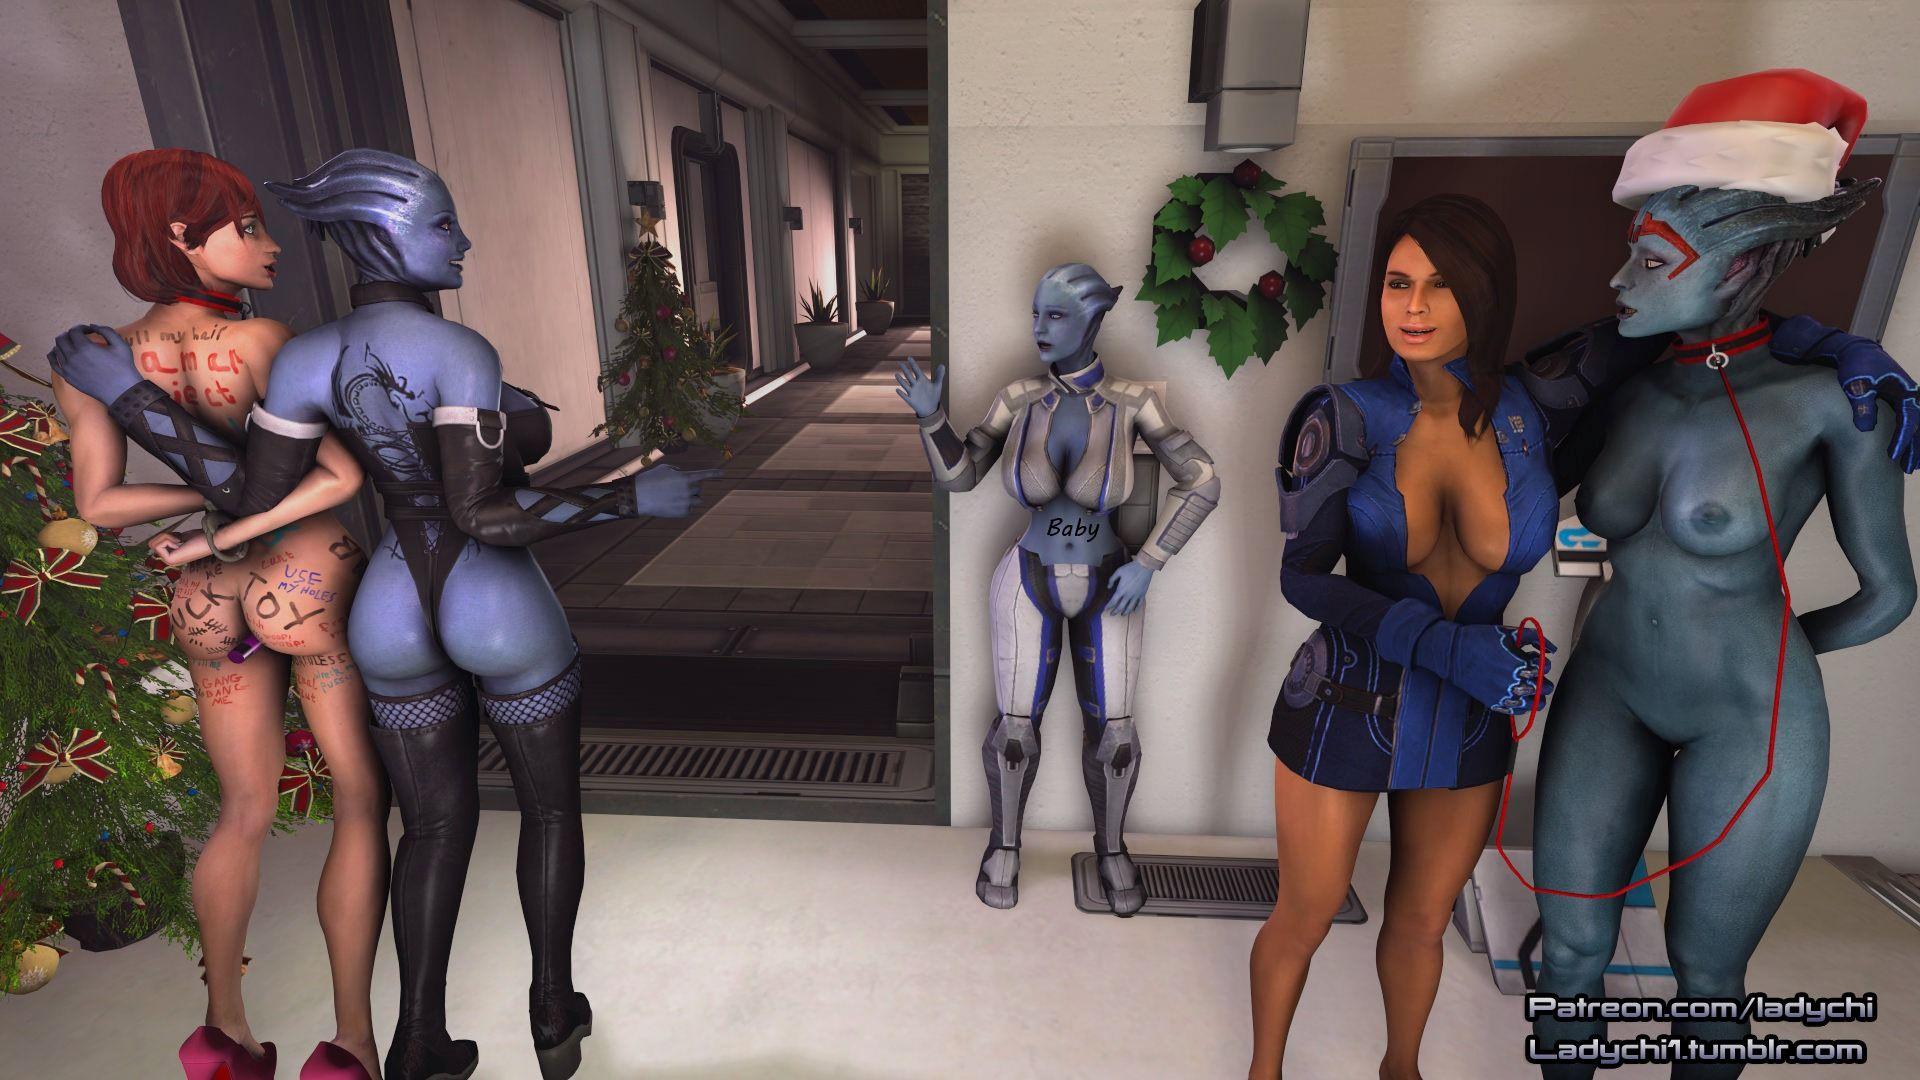 Liara_X-Mass_Gifts!_Ladychi_(Mass_Effect) comix_57829.jpg